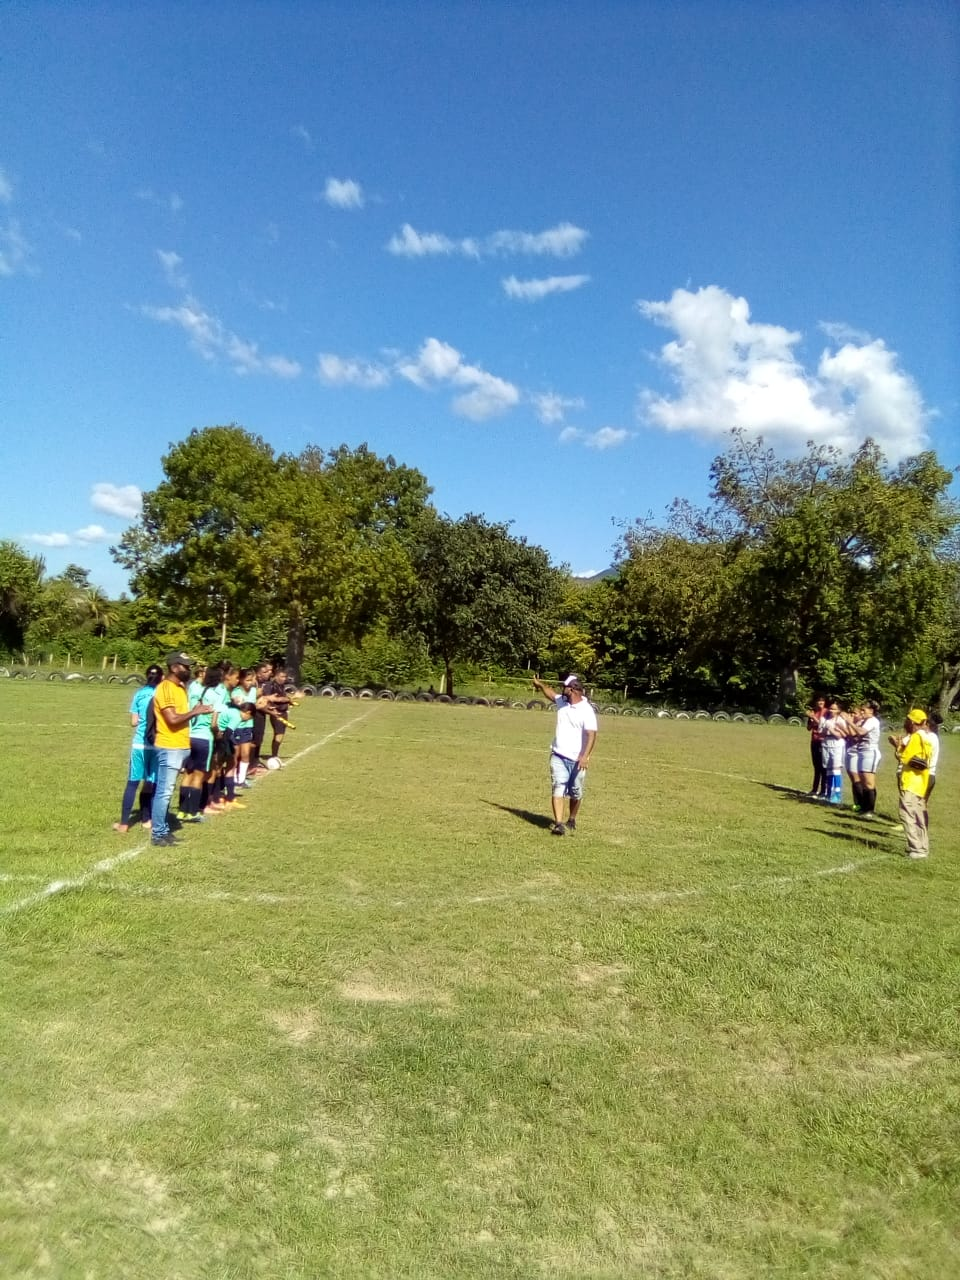 Por el momento en  el municipio de Curumaní se juega un campeonato relámpago con clubes de la zona, además se realizan entrenamientos en la cancha del municipio.